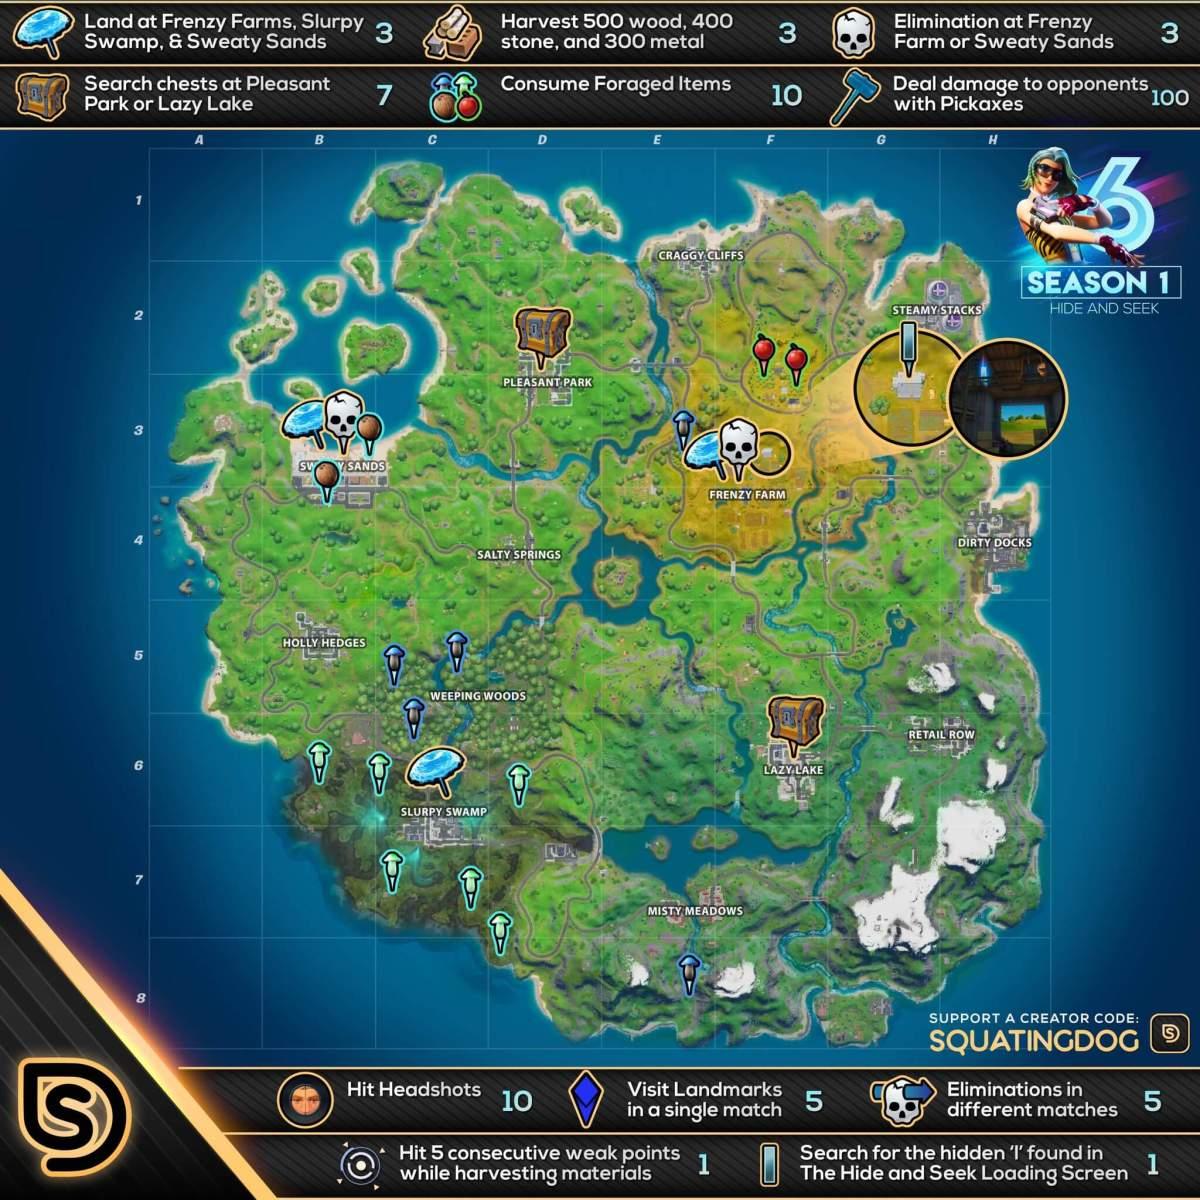 Mapa Fortnite Temporada 1.Desafios De La Semana 6 De La Temporada 1 En Fortnite